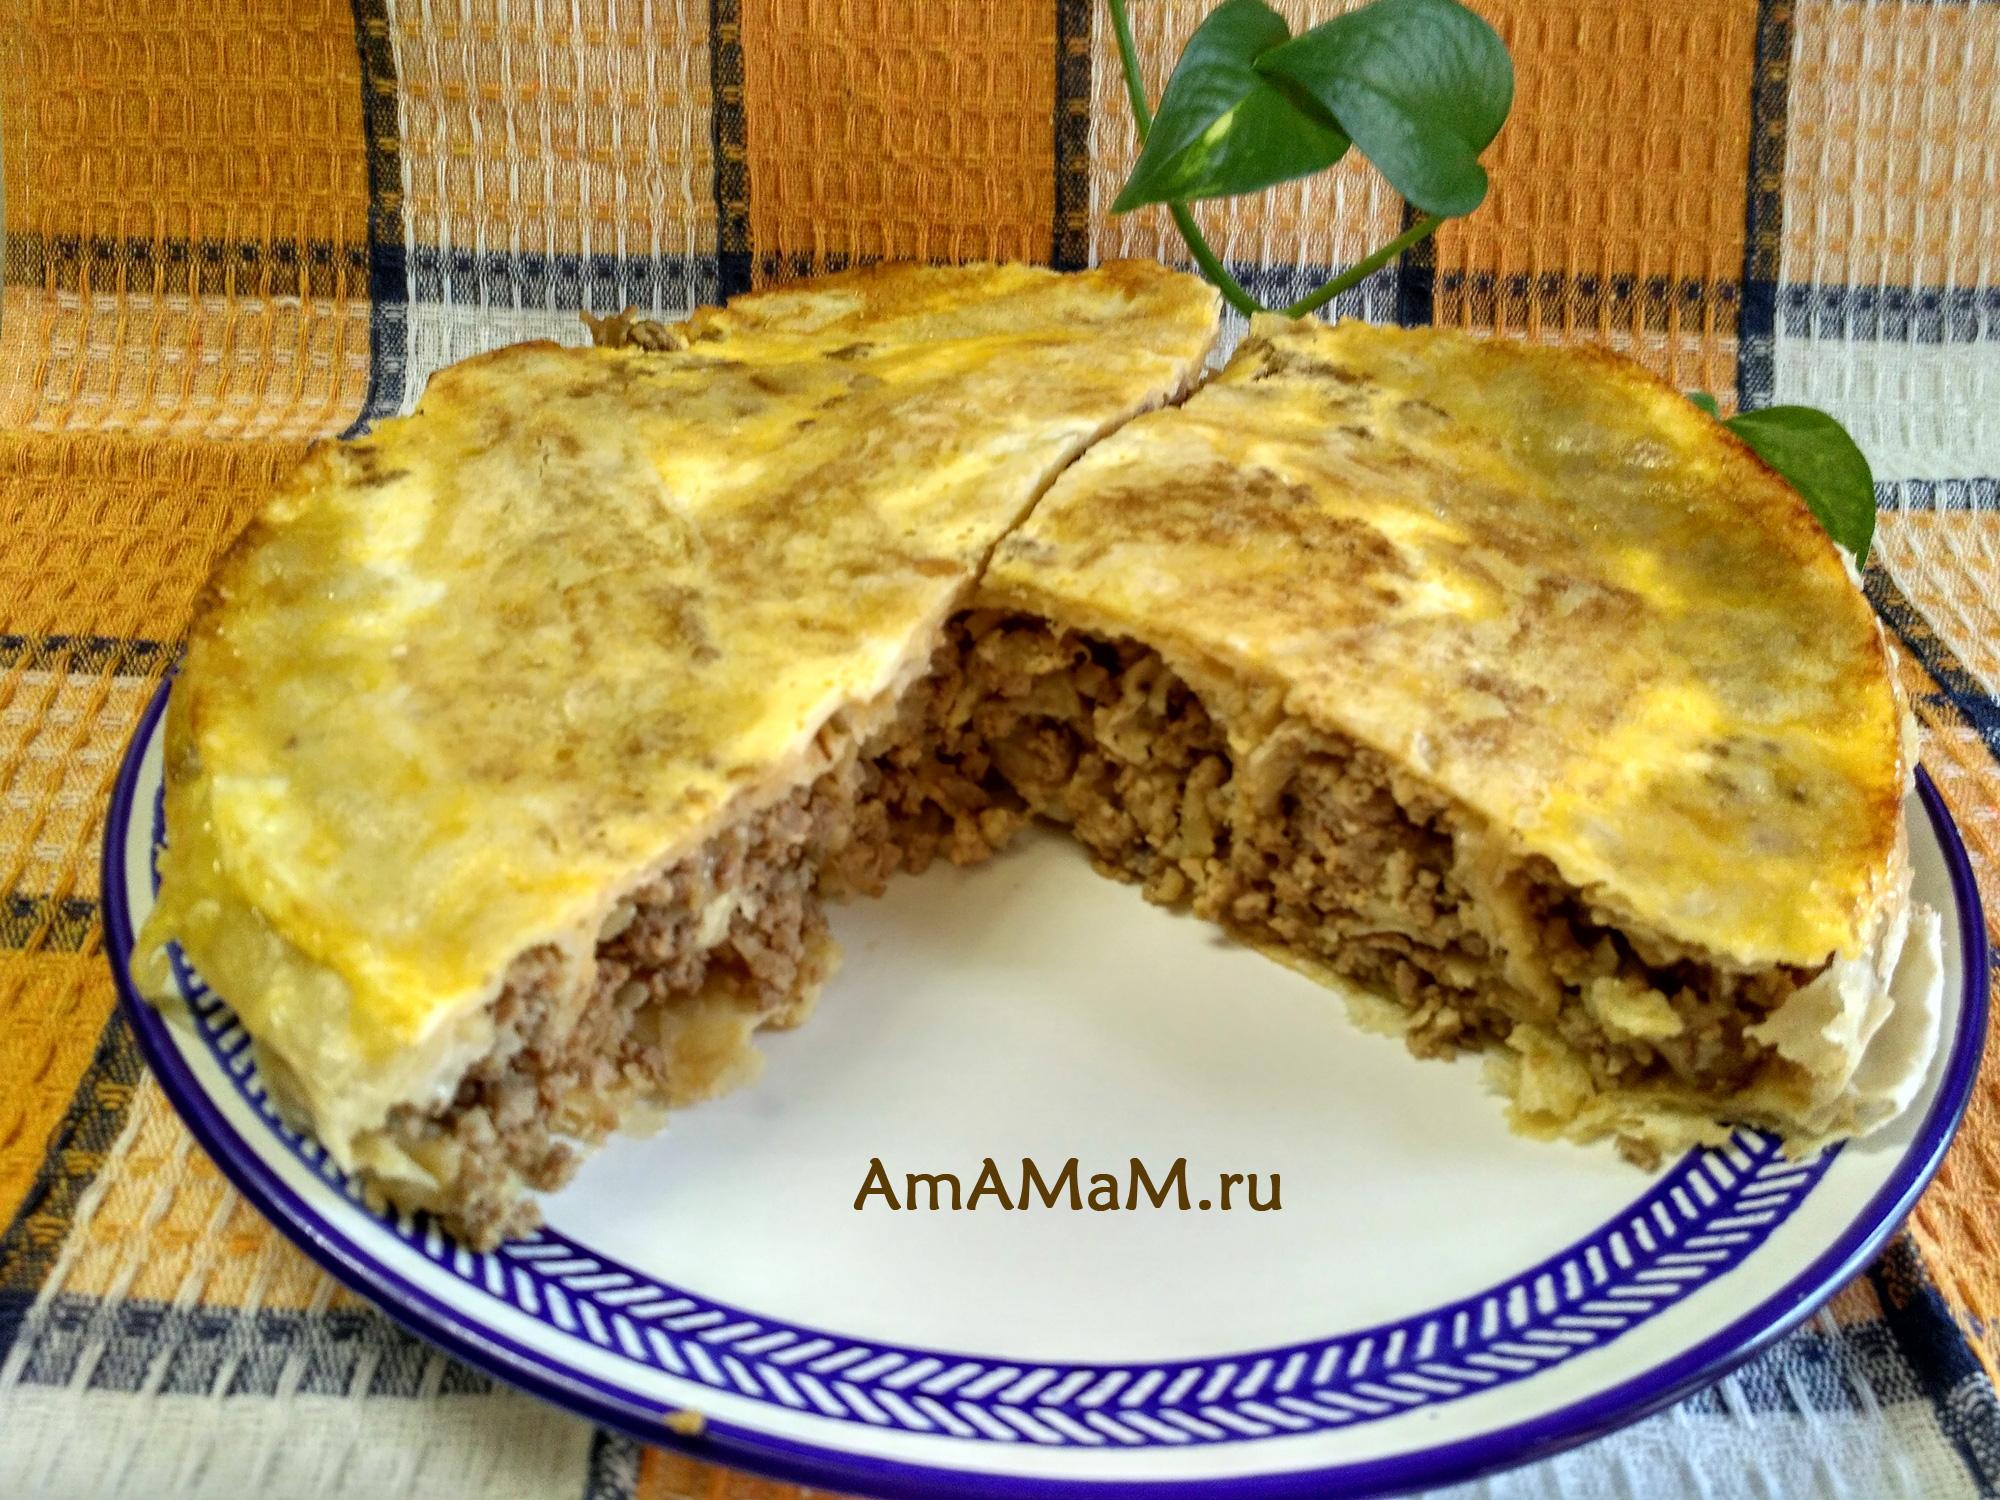 Простой и вкусный пирог из лаваша (завернут улиткой)